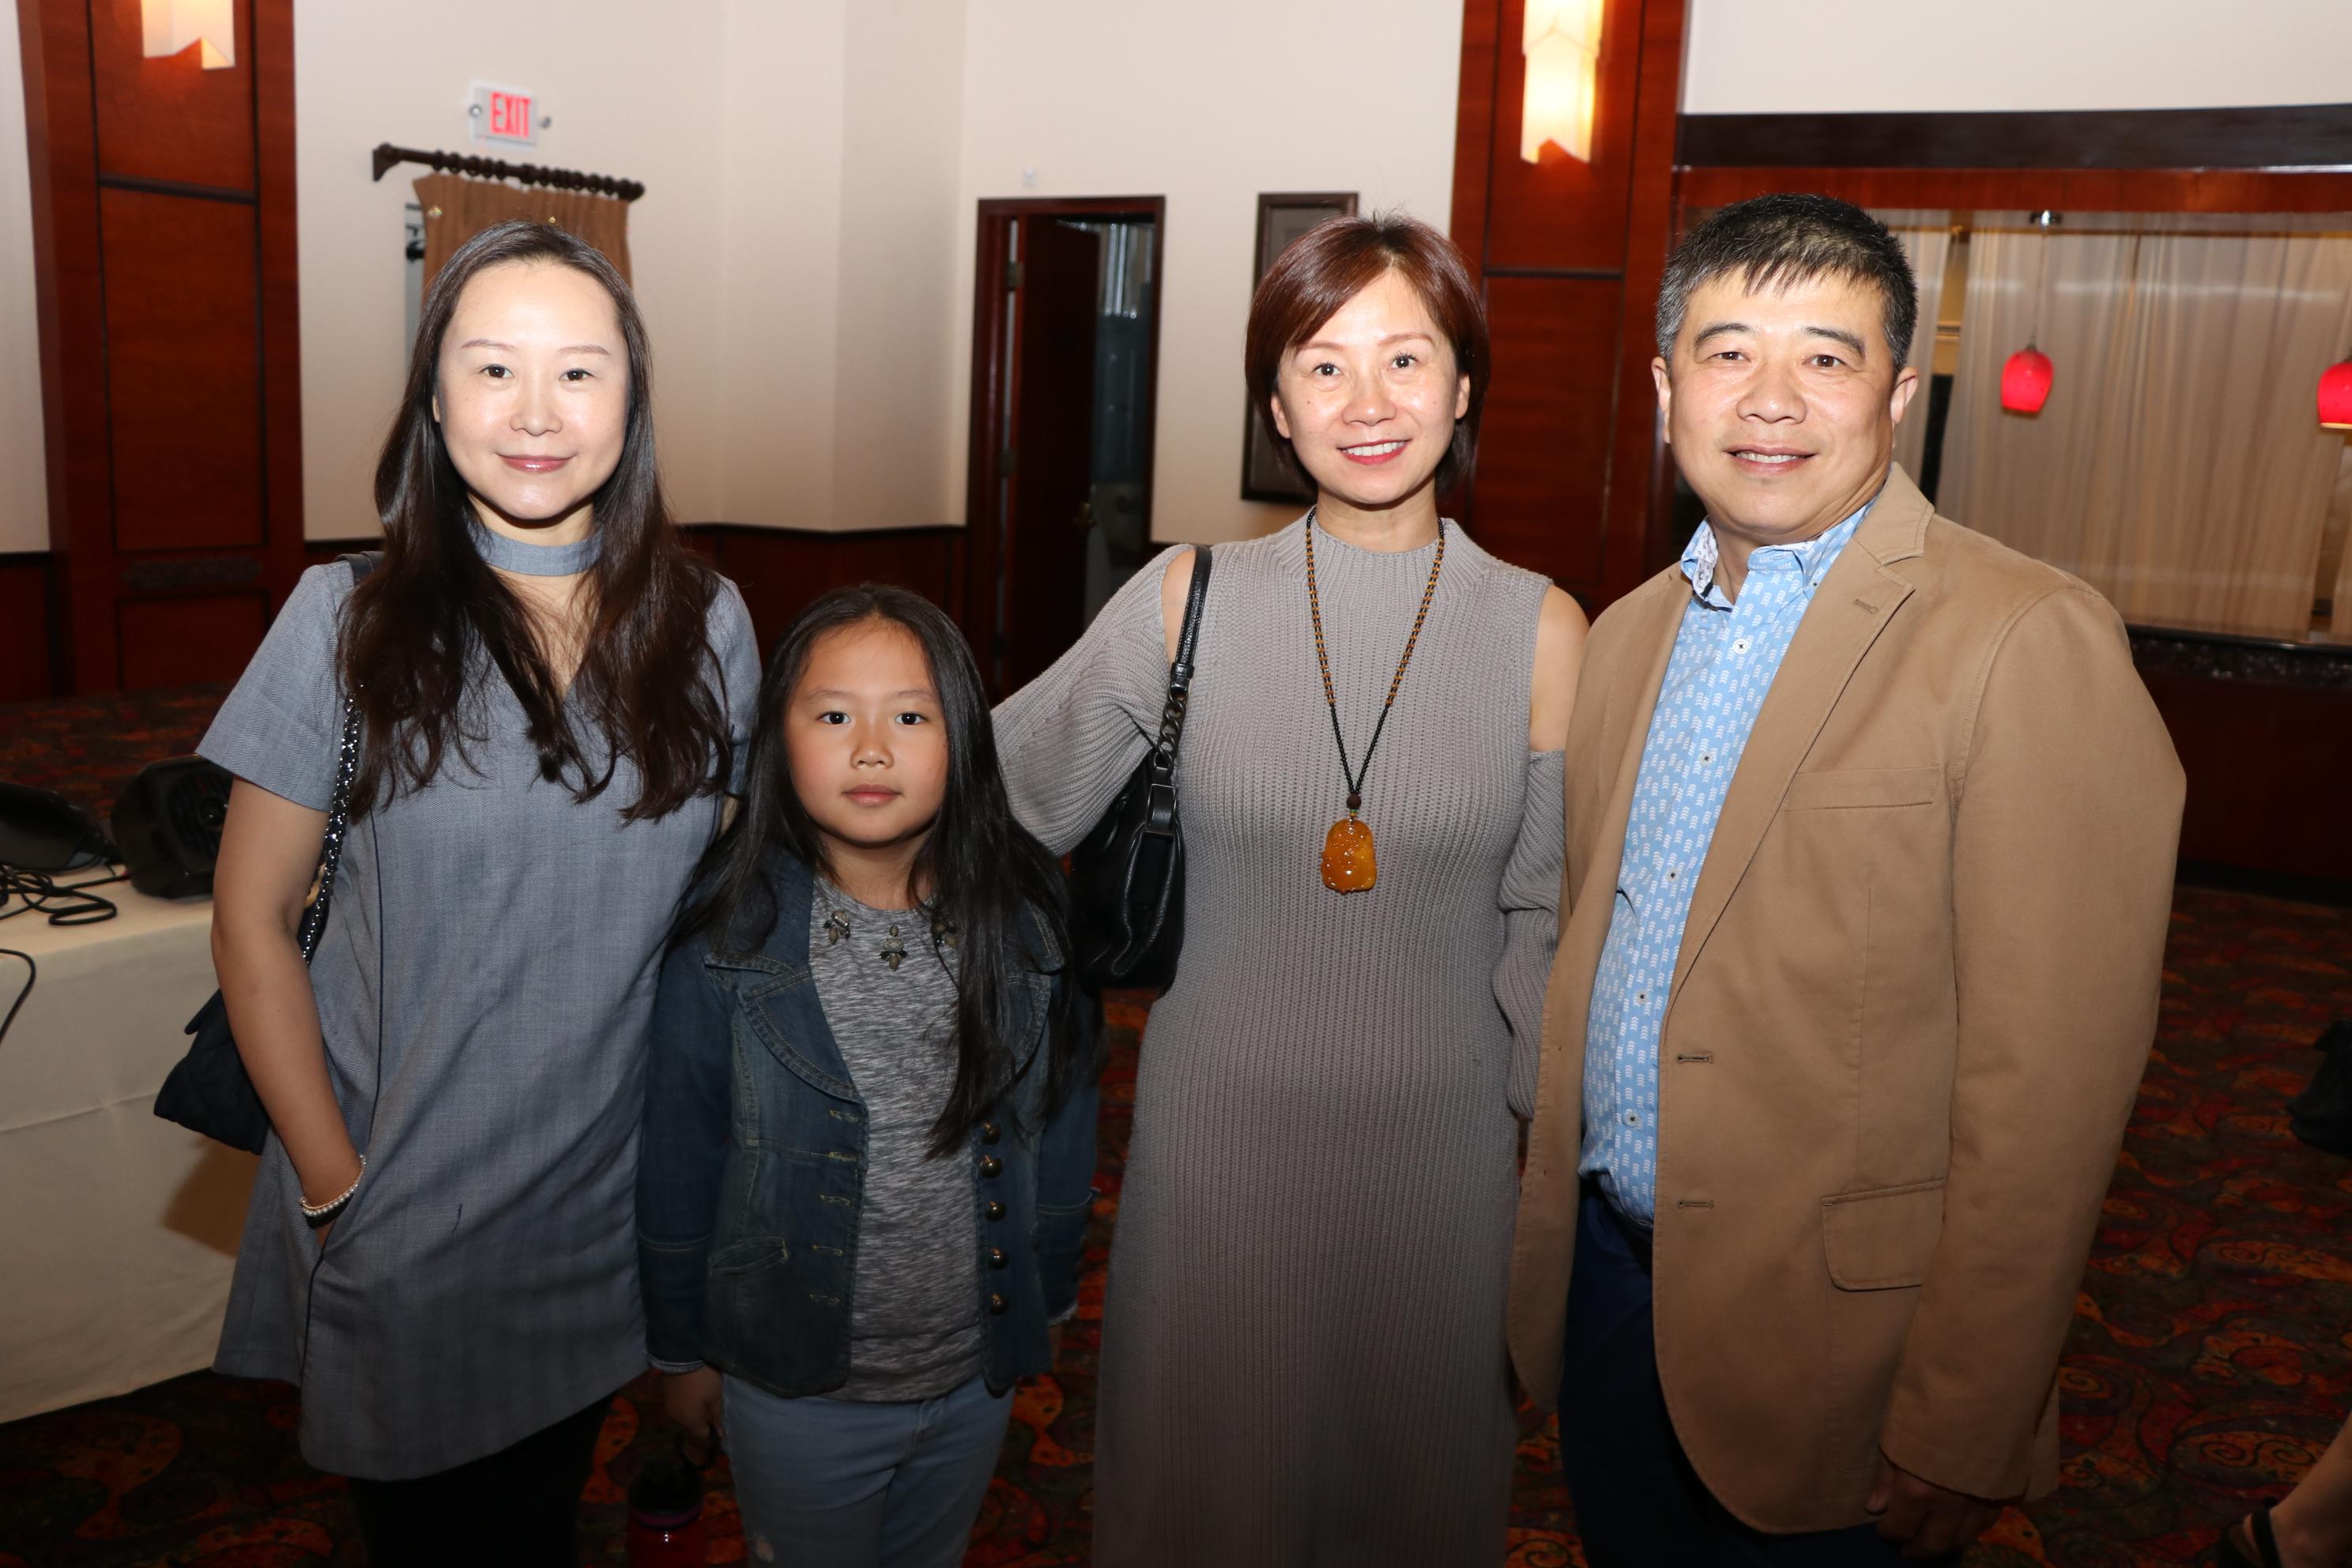 稀飯旅行社負責人李玟嫻與友人前來共襄盛舉。